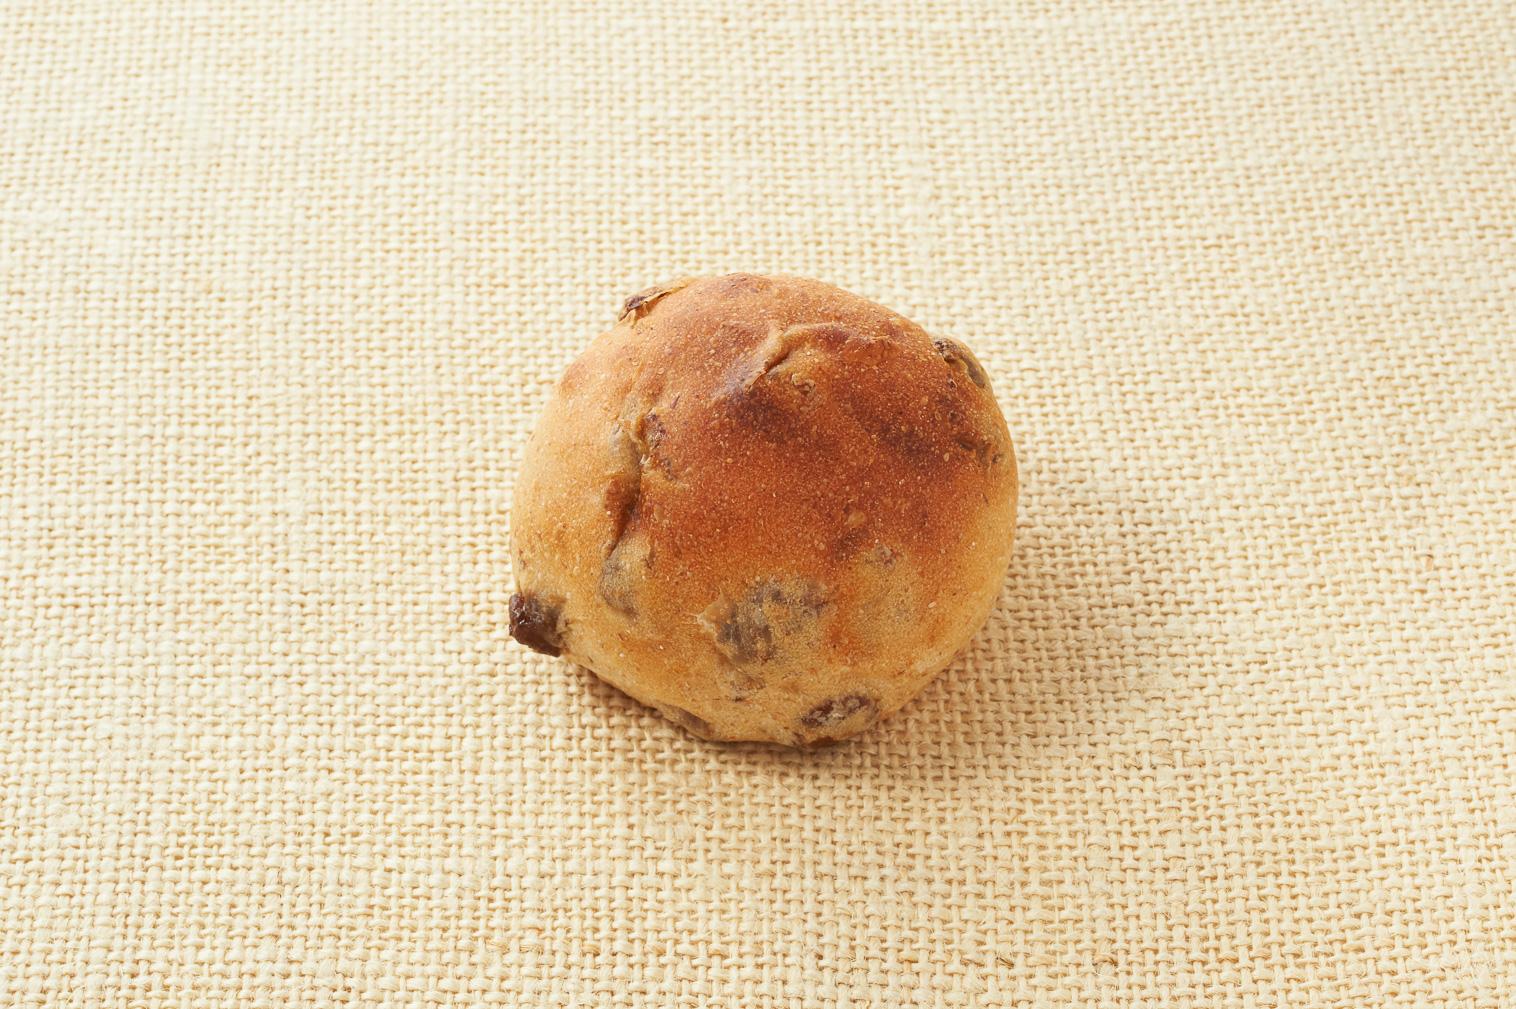 食塩不使用のレーズンパン(全粒粉入り)